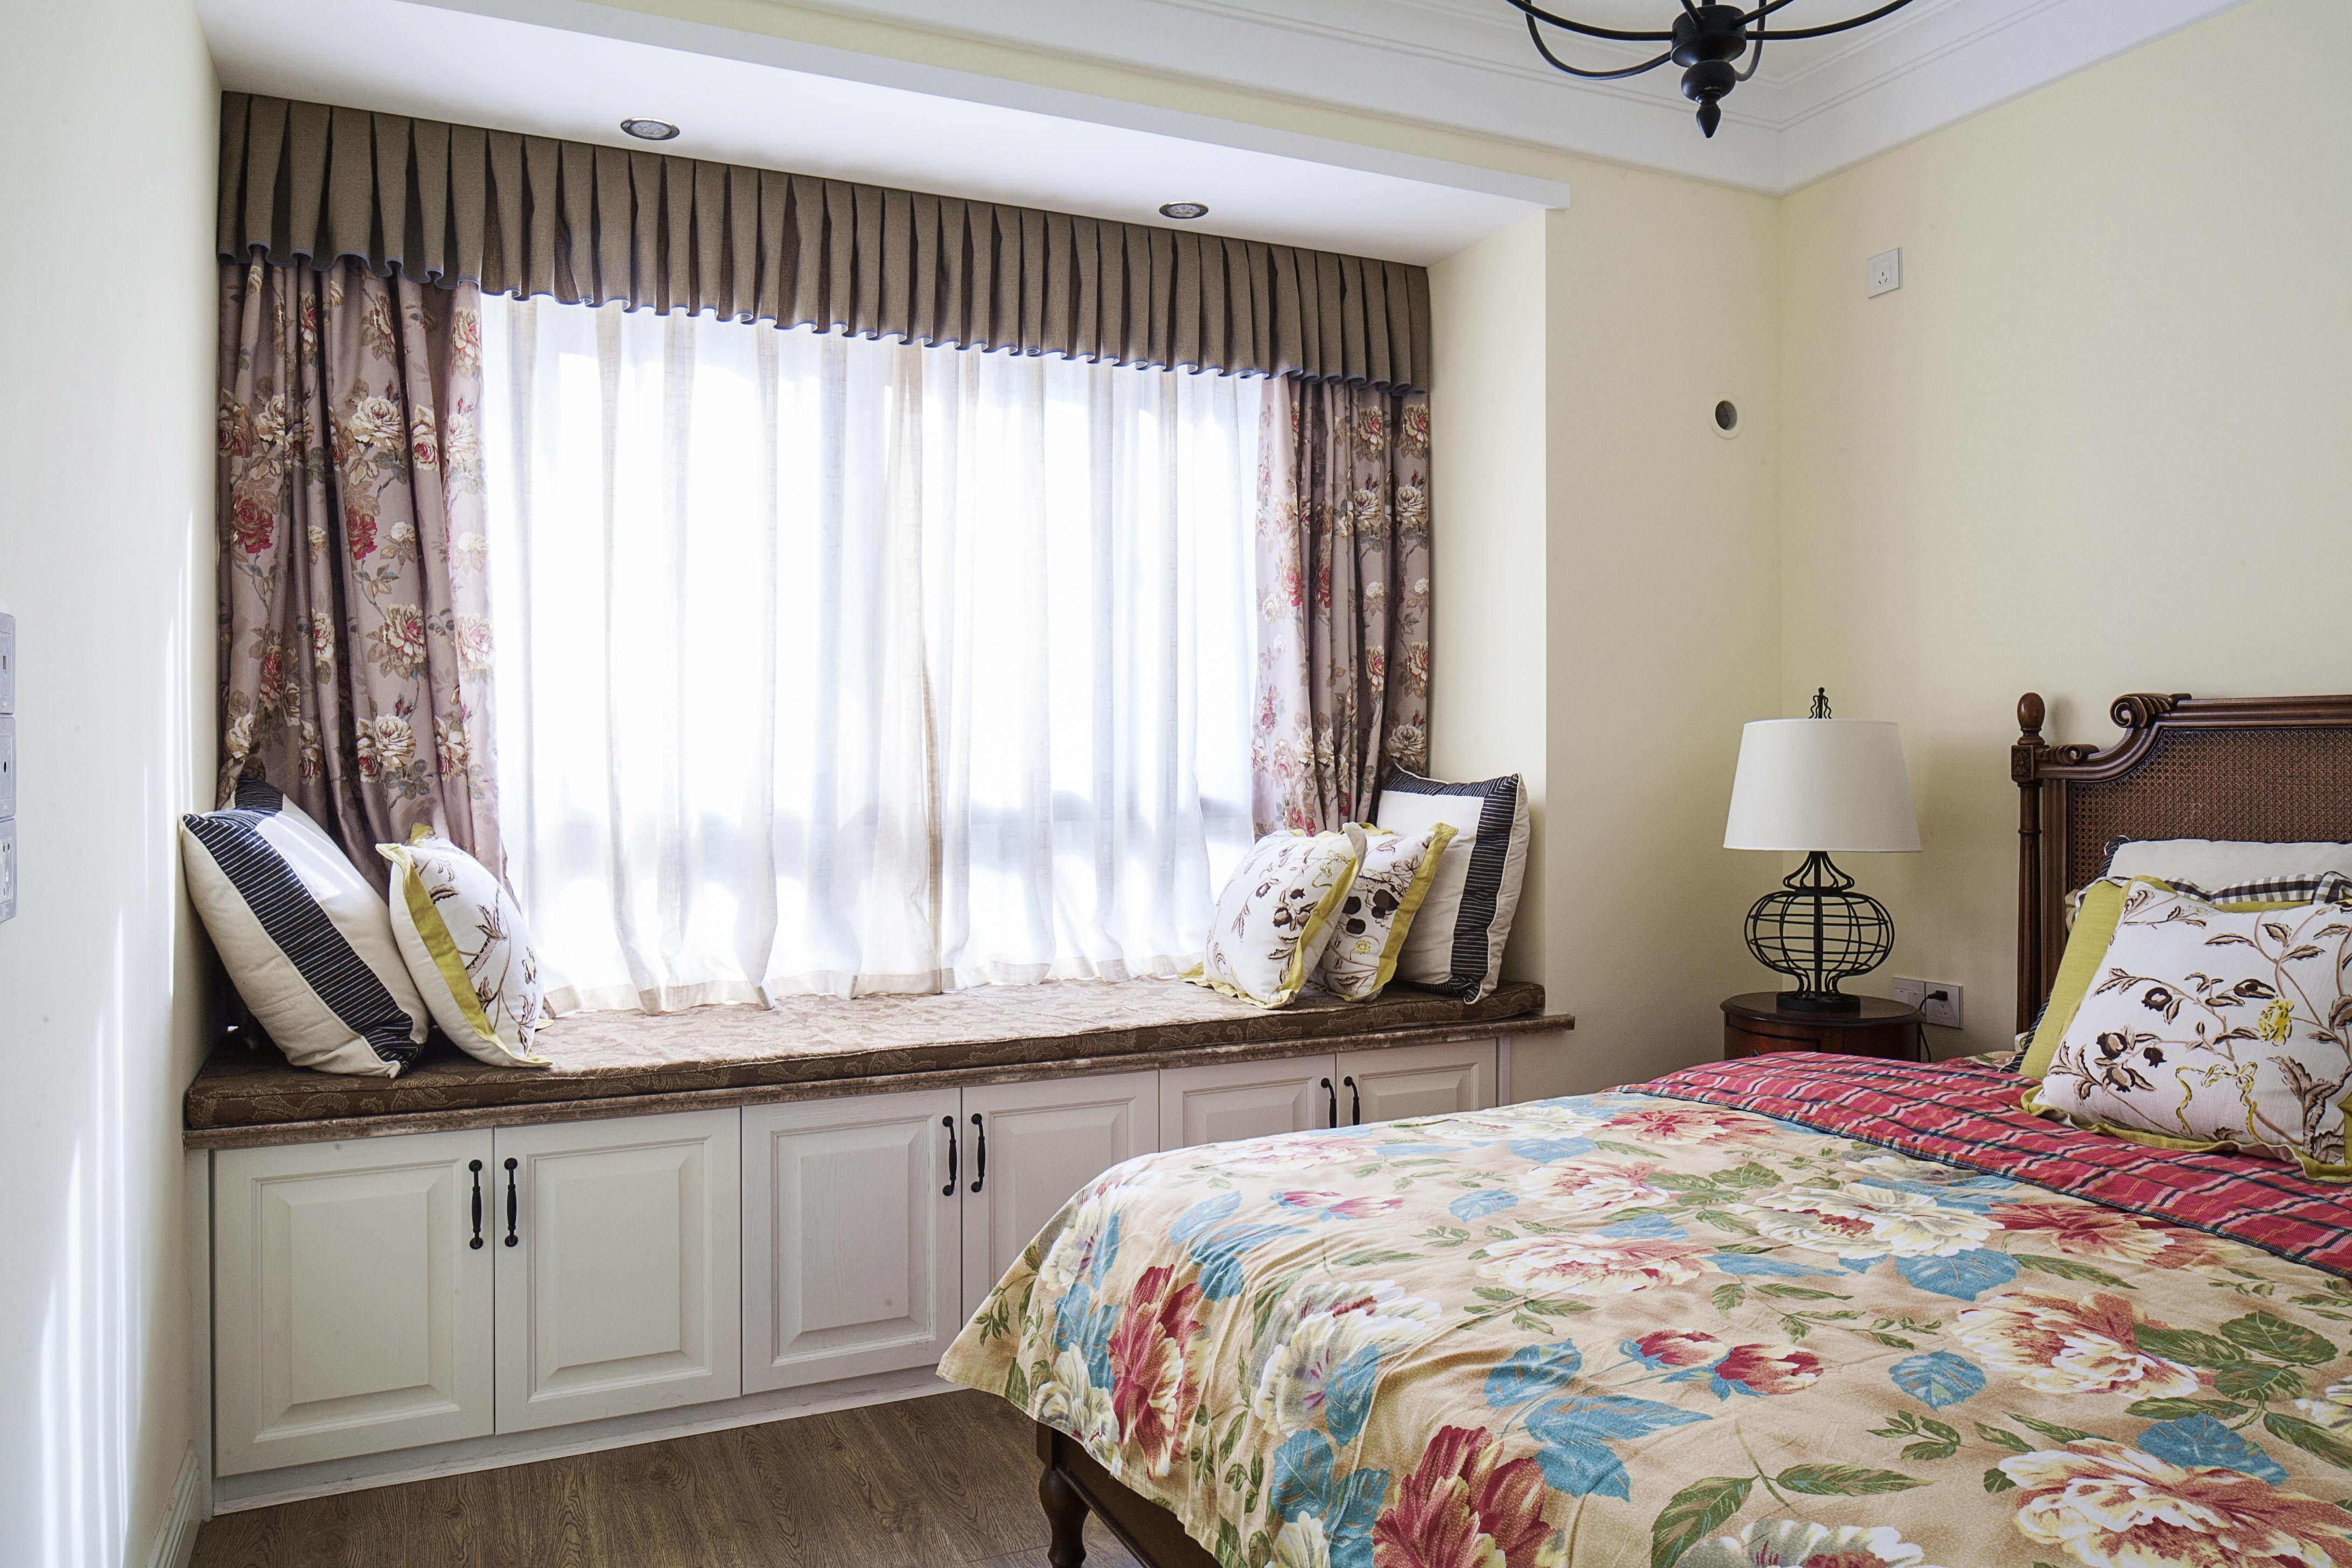 背景墙 房间 家居 起居室 设计 卧室 卧室装修 现代 装修 4368_2912图片